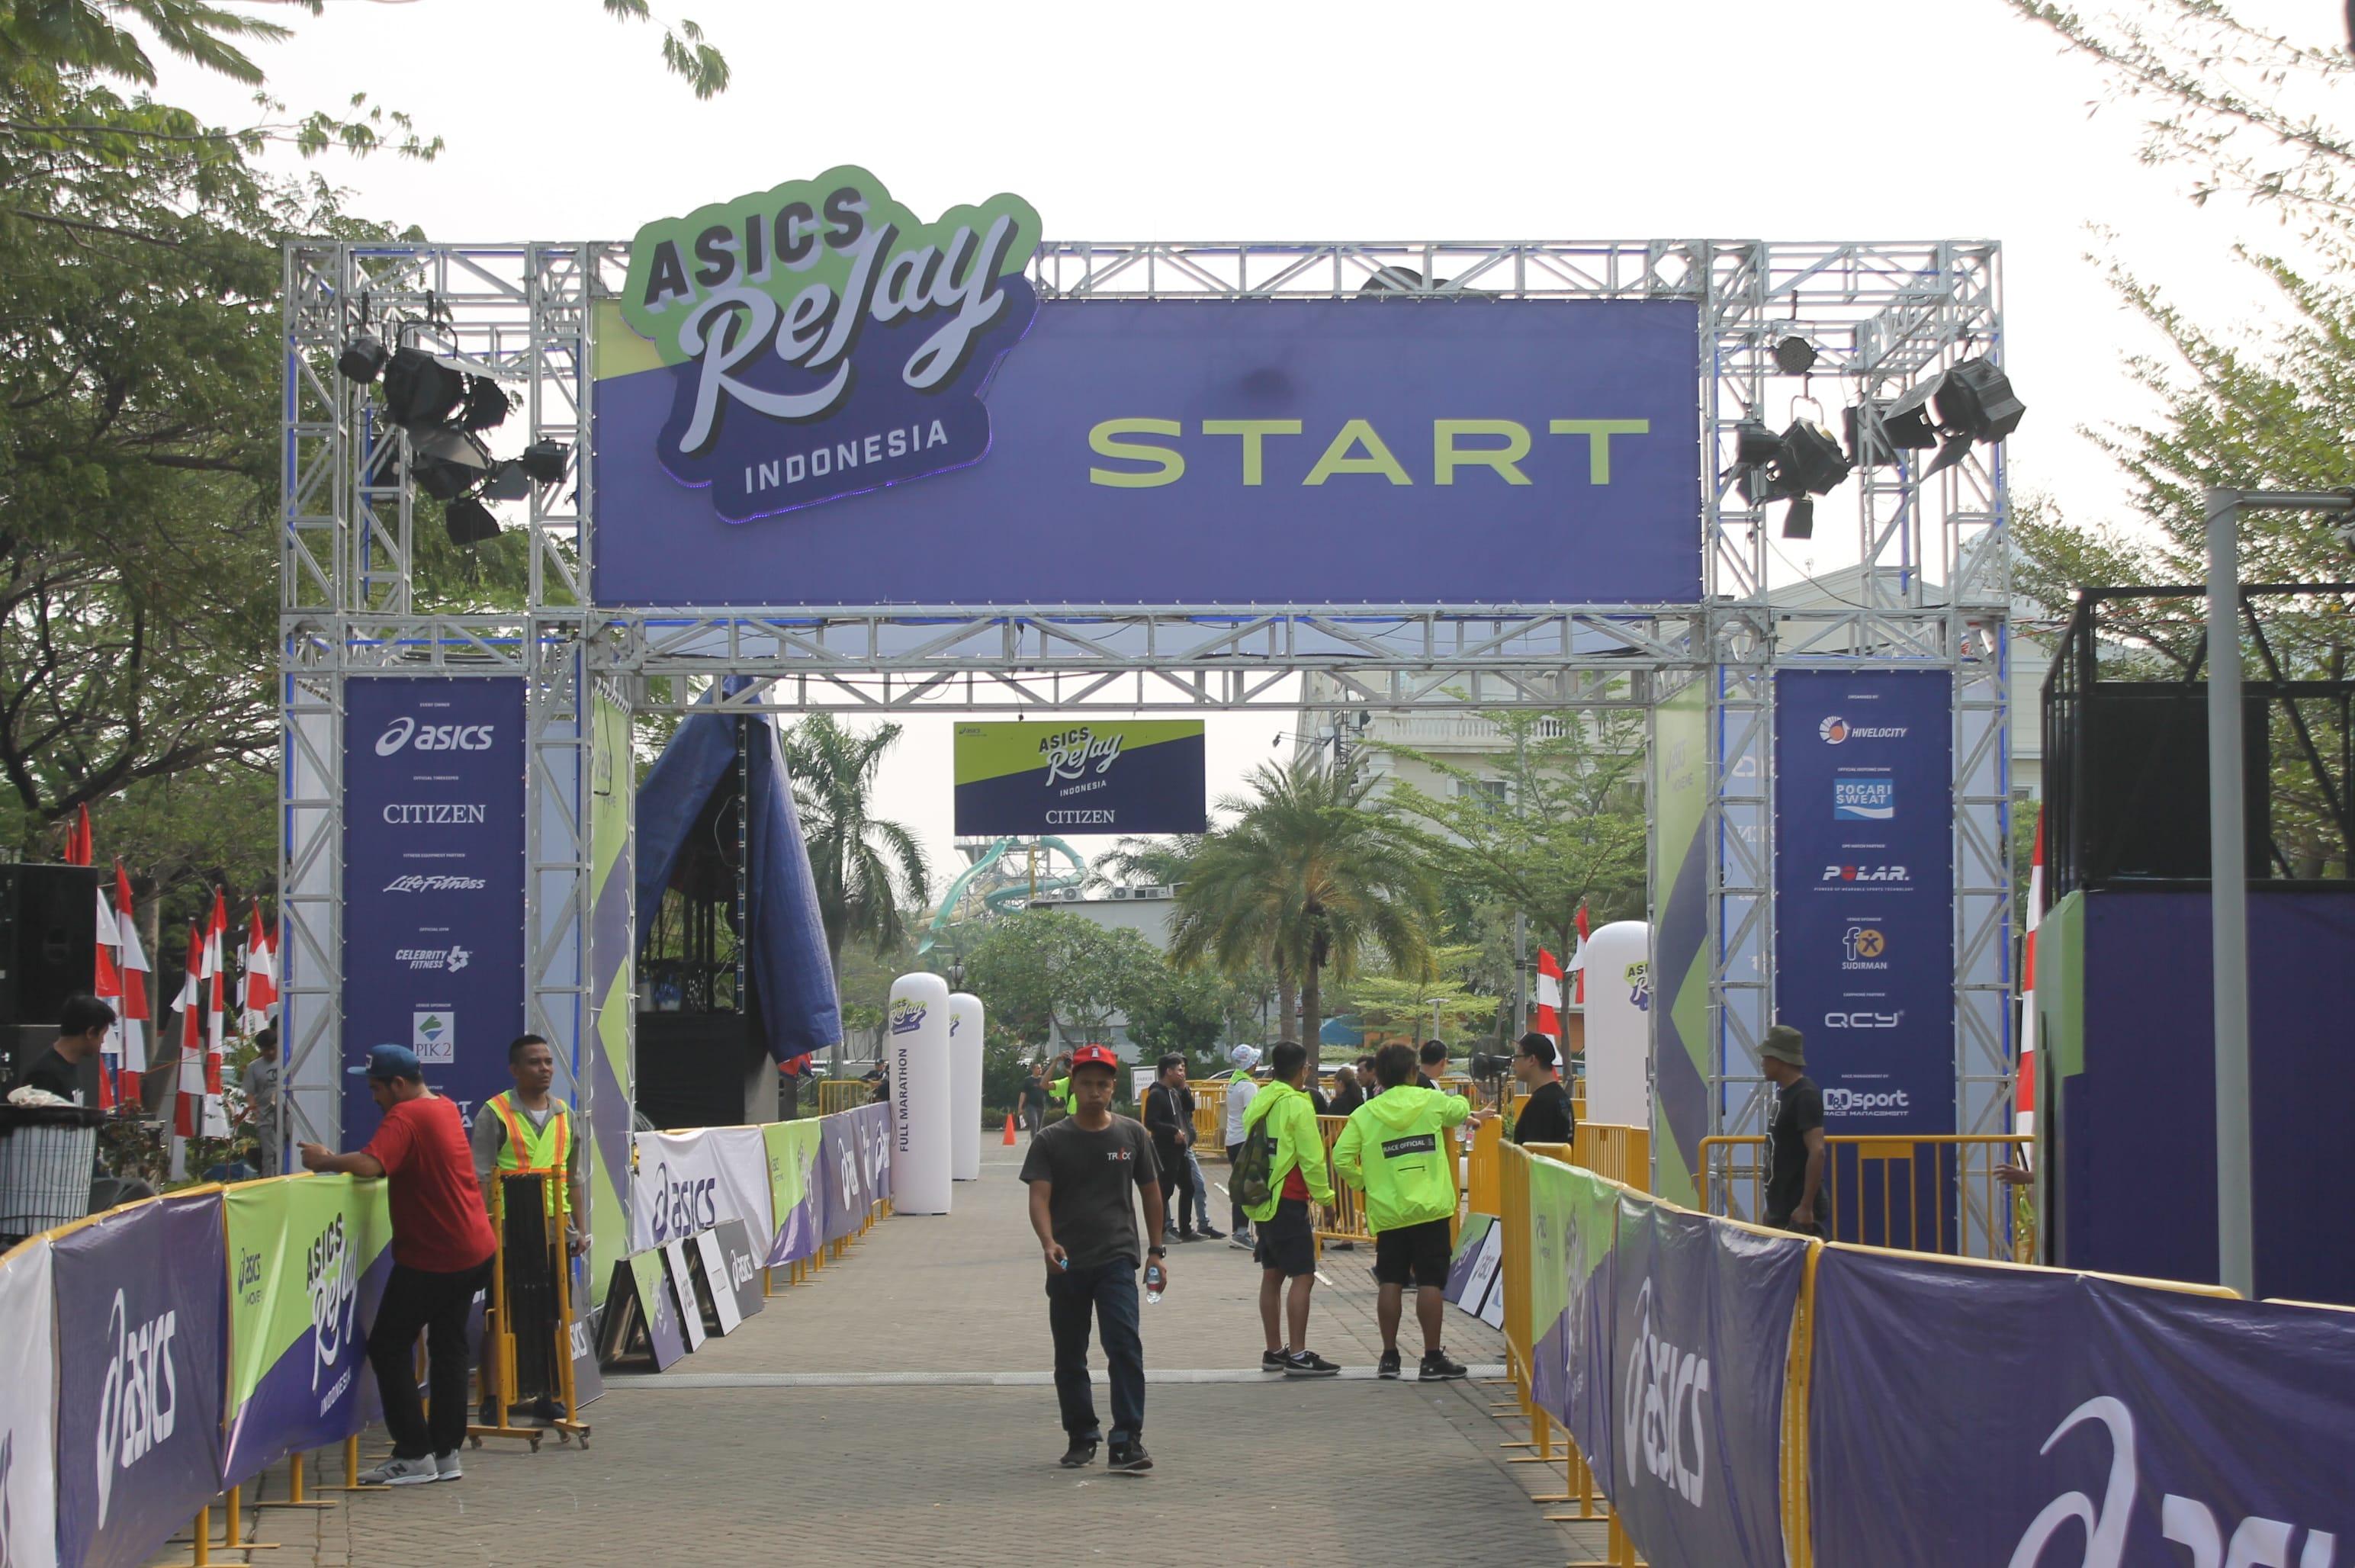 Pik2 Events - PIK2 Conducted Asics Relay Run 2018